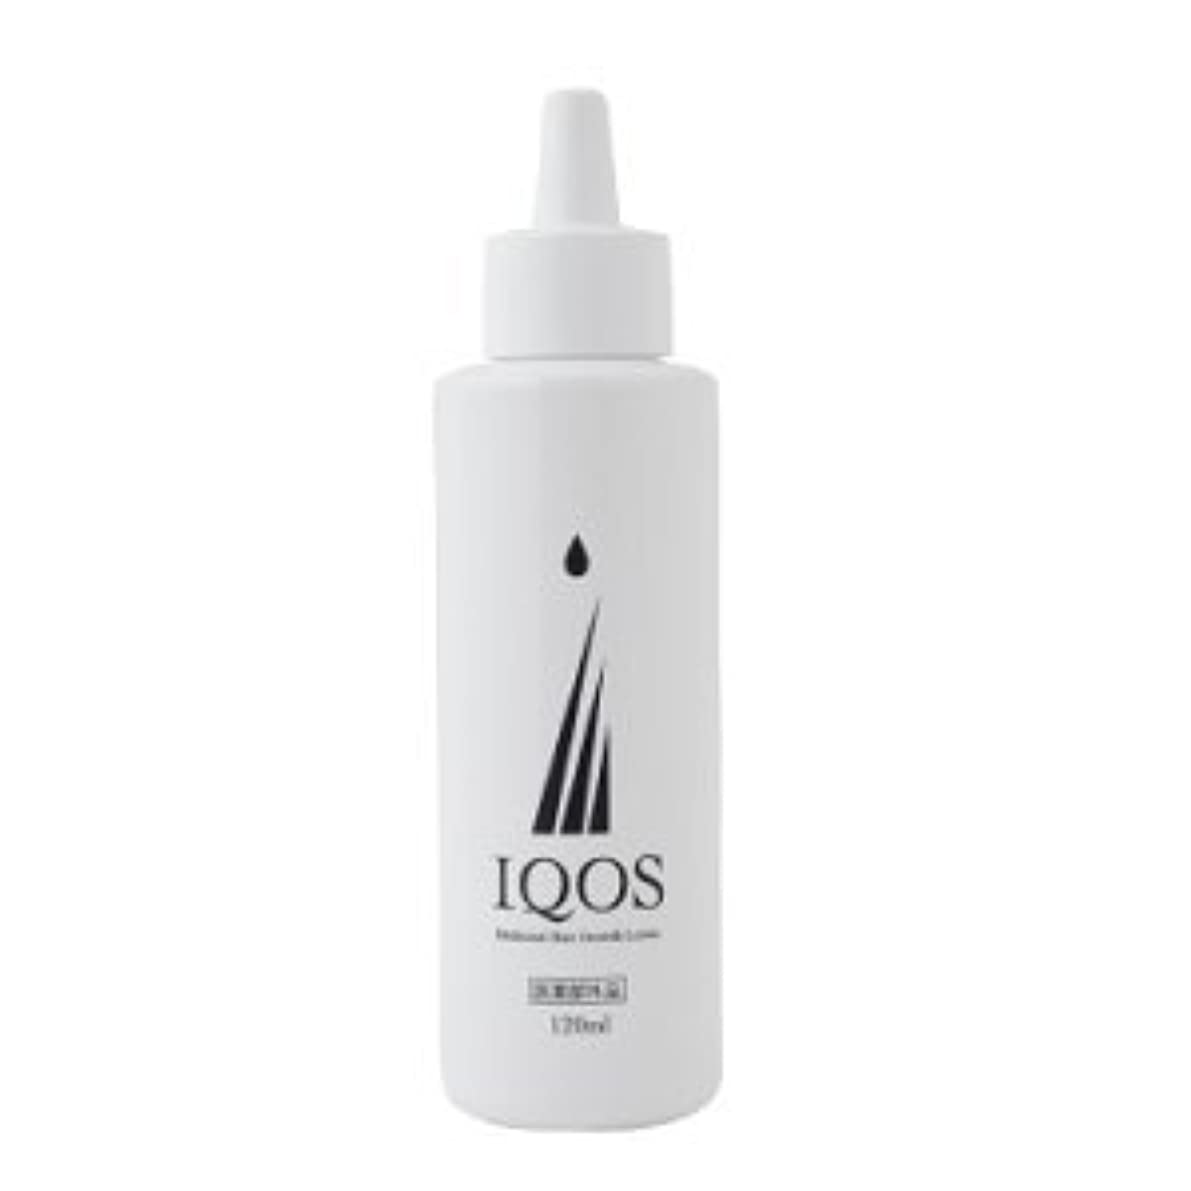 アンプそれら前件M-034を最大級配合 薬用育毛剤 IQOS イクオス 120ml